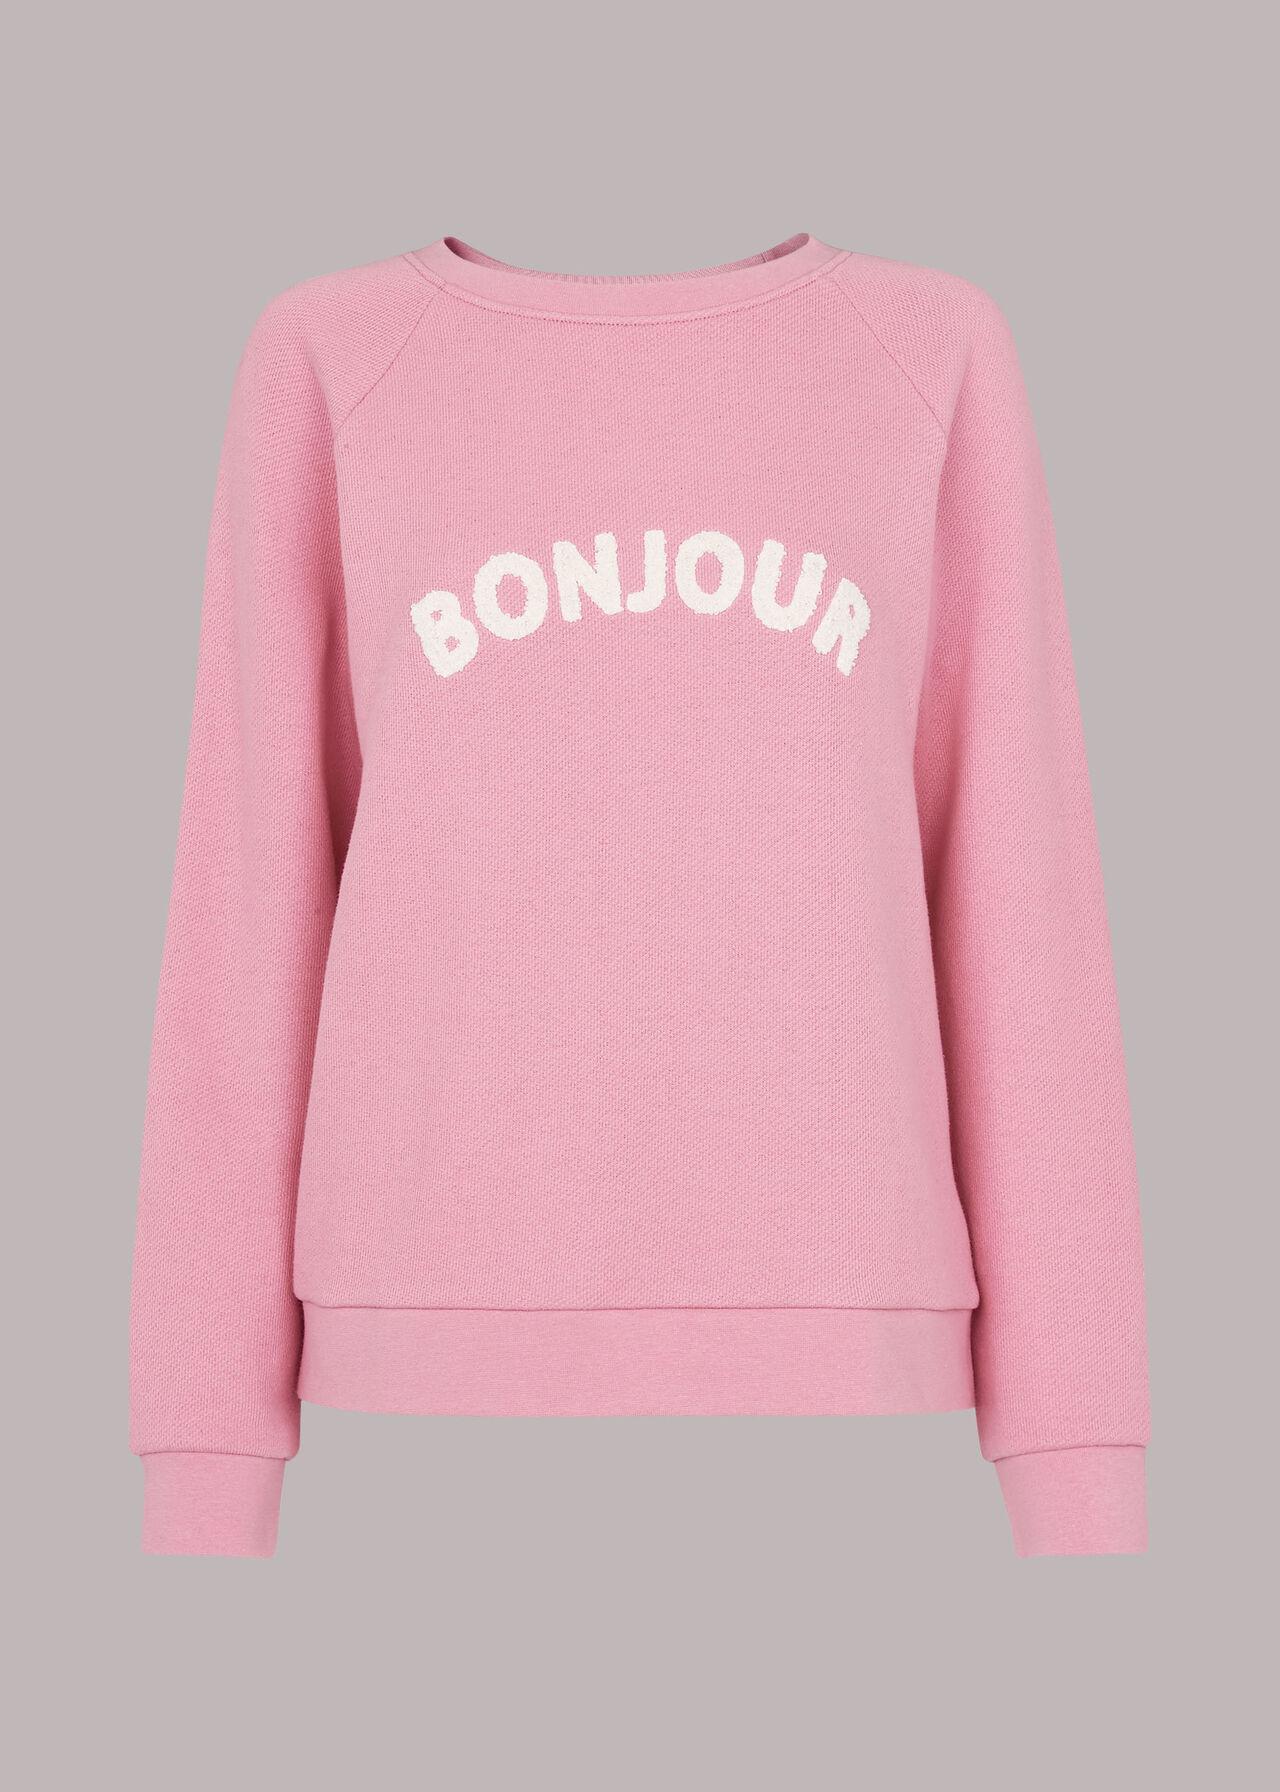 Bonjour Logo Sweatshirt Pink